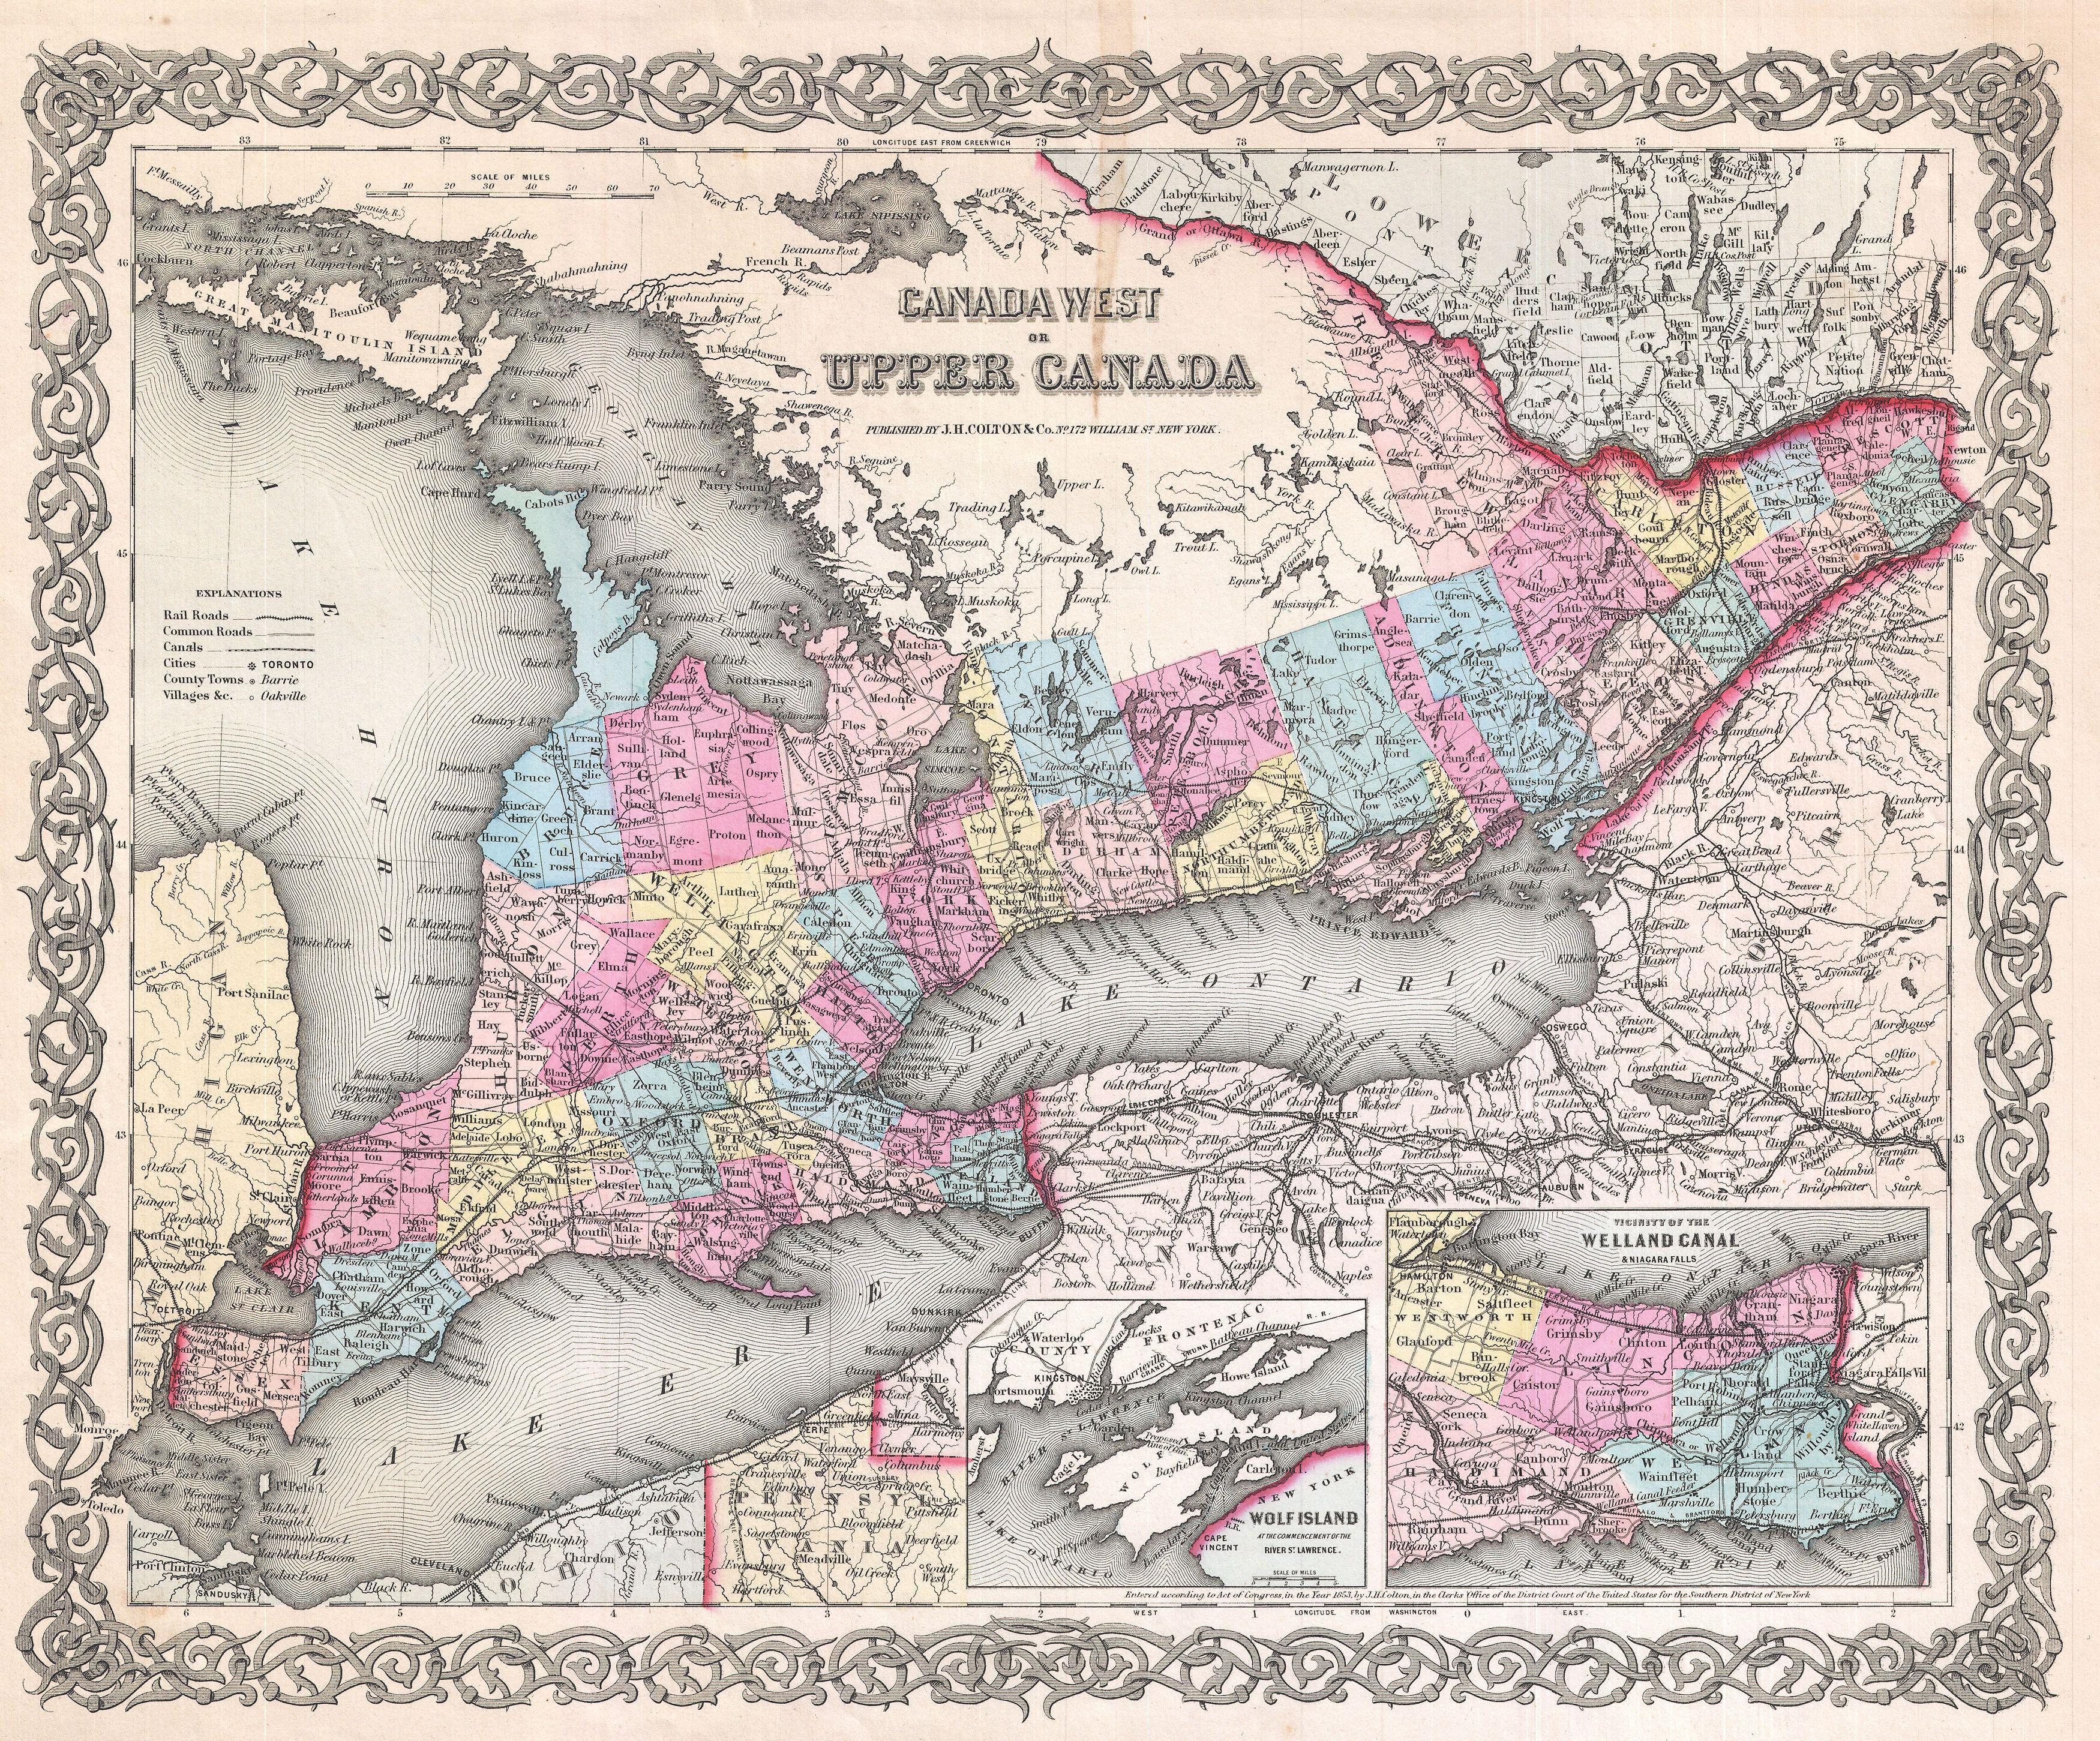 [url=https://flic.kr/p/Do8cd6][img]https://farm5.staticflickr.com/4638/24535566817_85f3909841_o.jpg[/img][/url][url=https://flic.kr/p/Do8cd6]1855_Colton_Map_of_Upper_Canada_or_Ontario_-_Geographicus_-_Ontario2-colton-1855[/url] by [url=https://www.flickr.com/photos/am-jochim/]Mark Jochim[/url], on Flickr